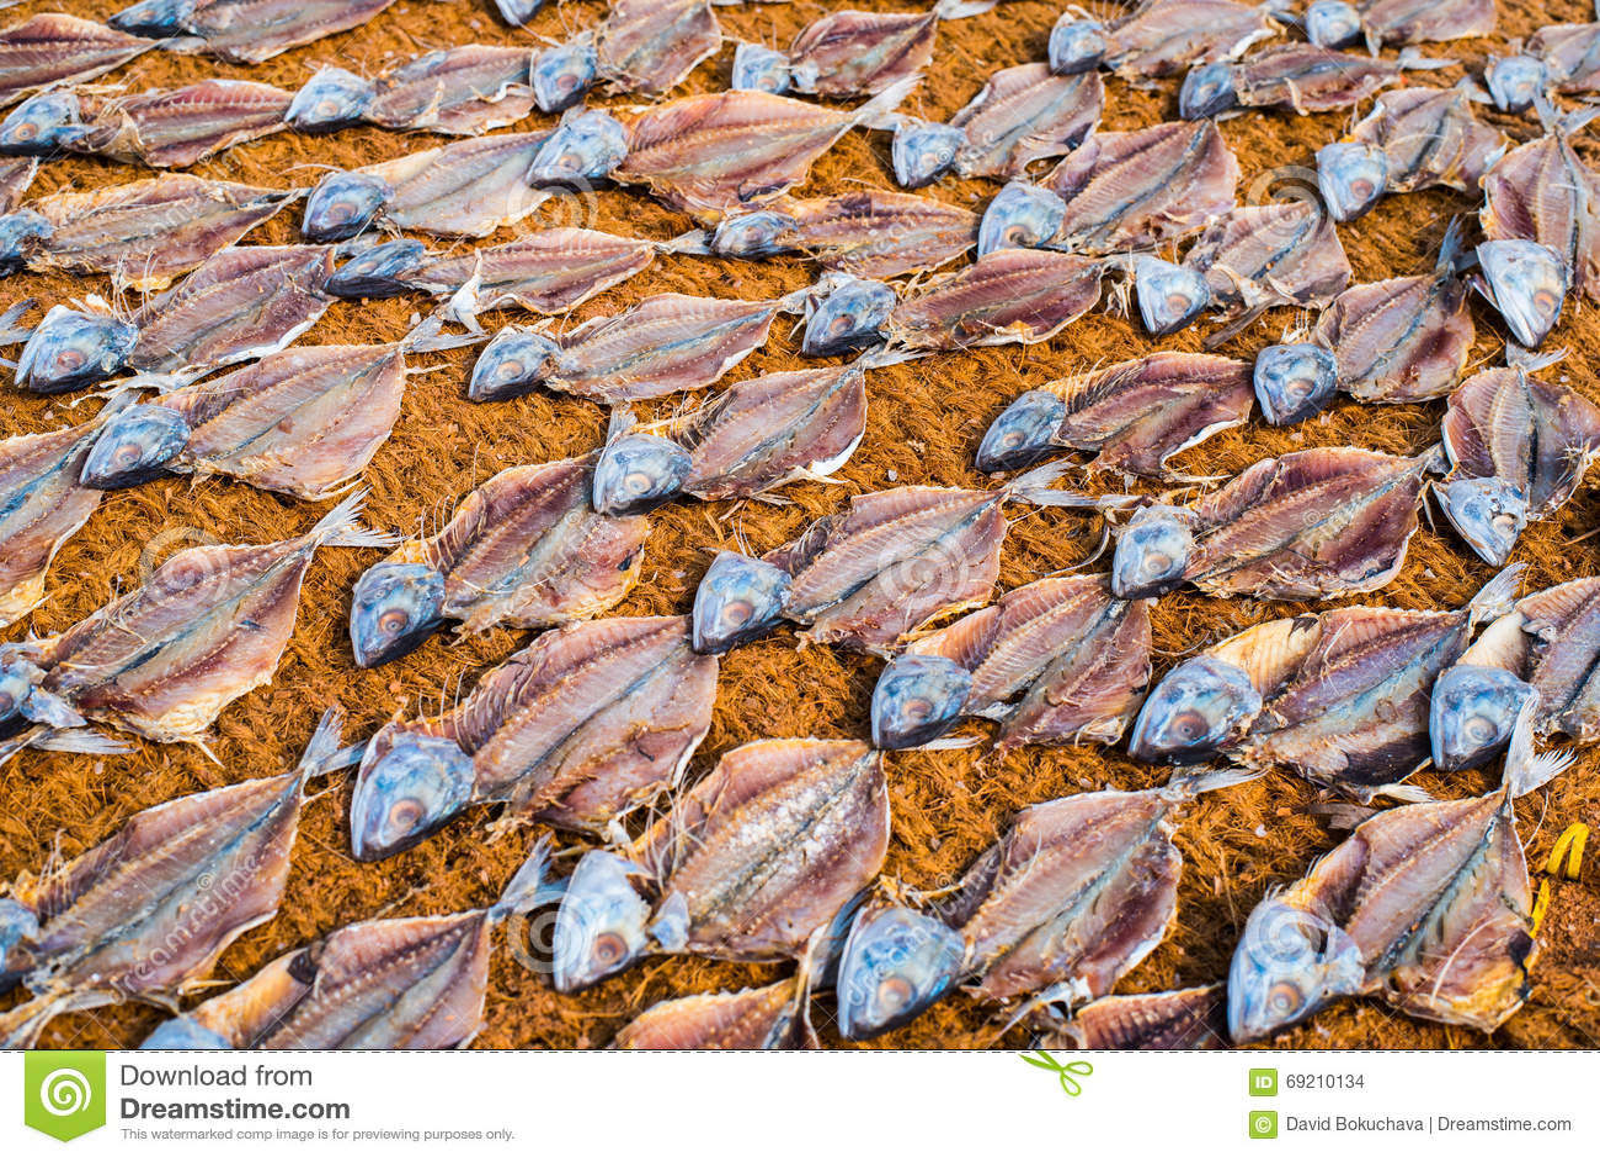 Secado de pescados salados en el bonote en Mangalore, la India